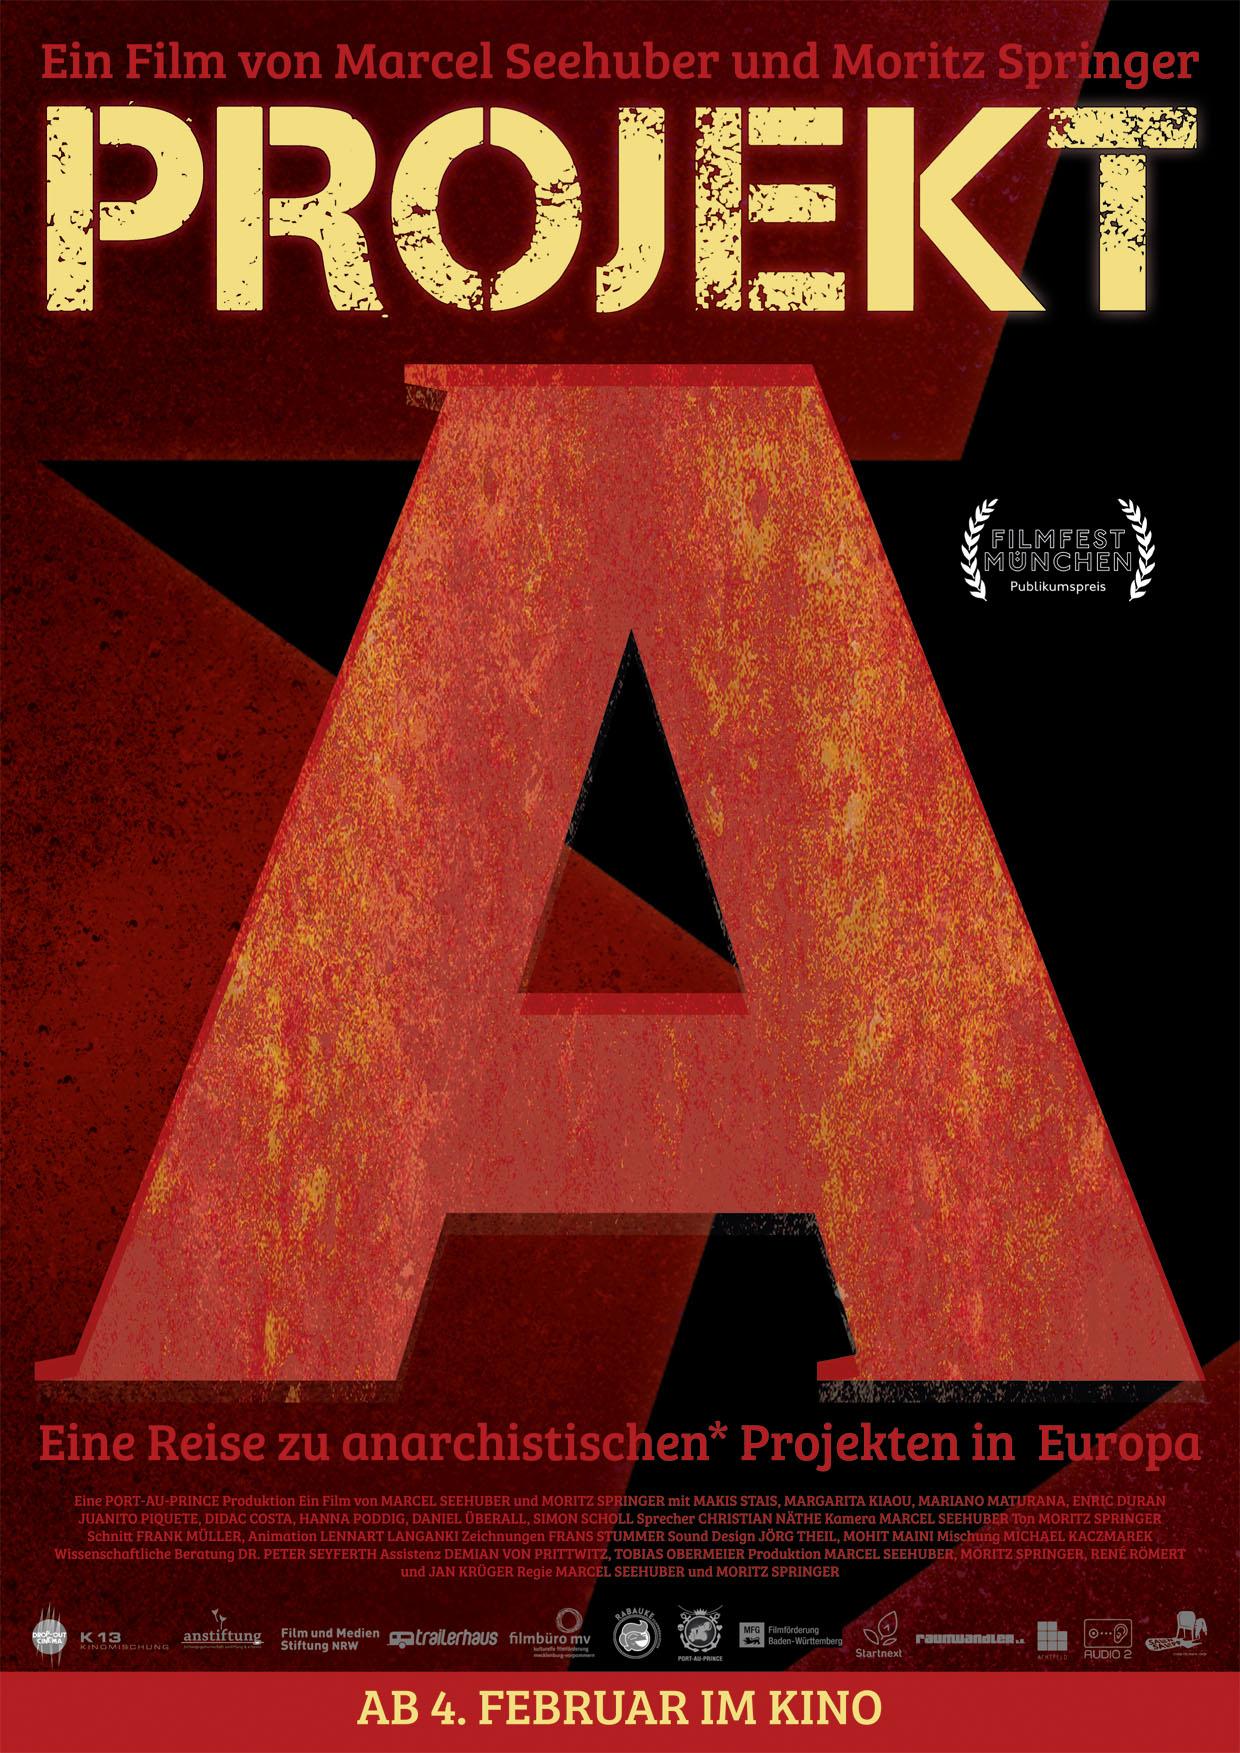 Plakat des Films